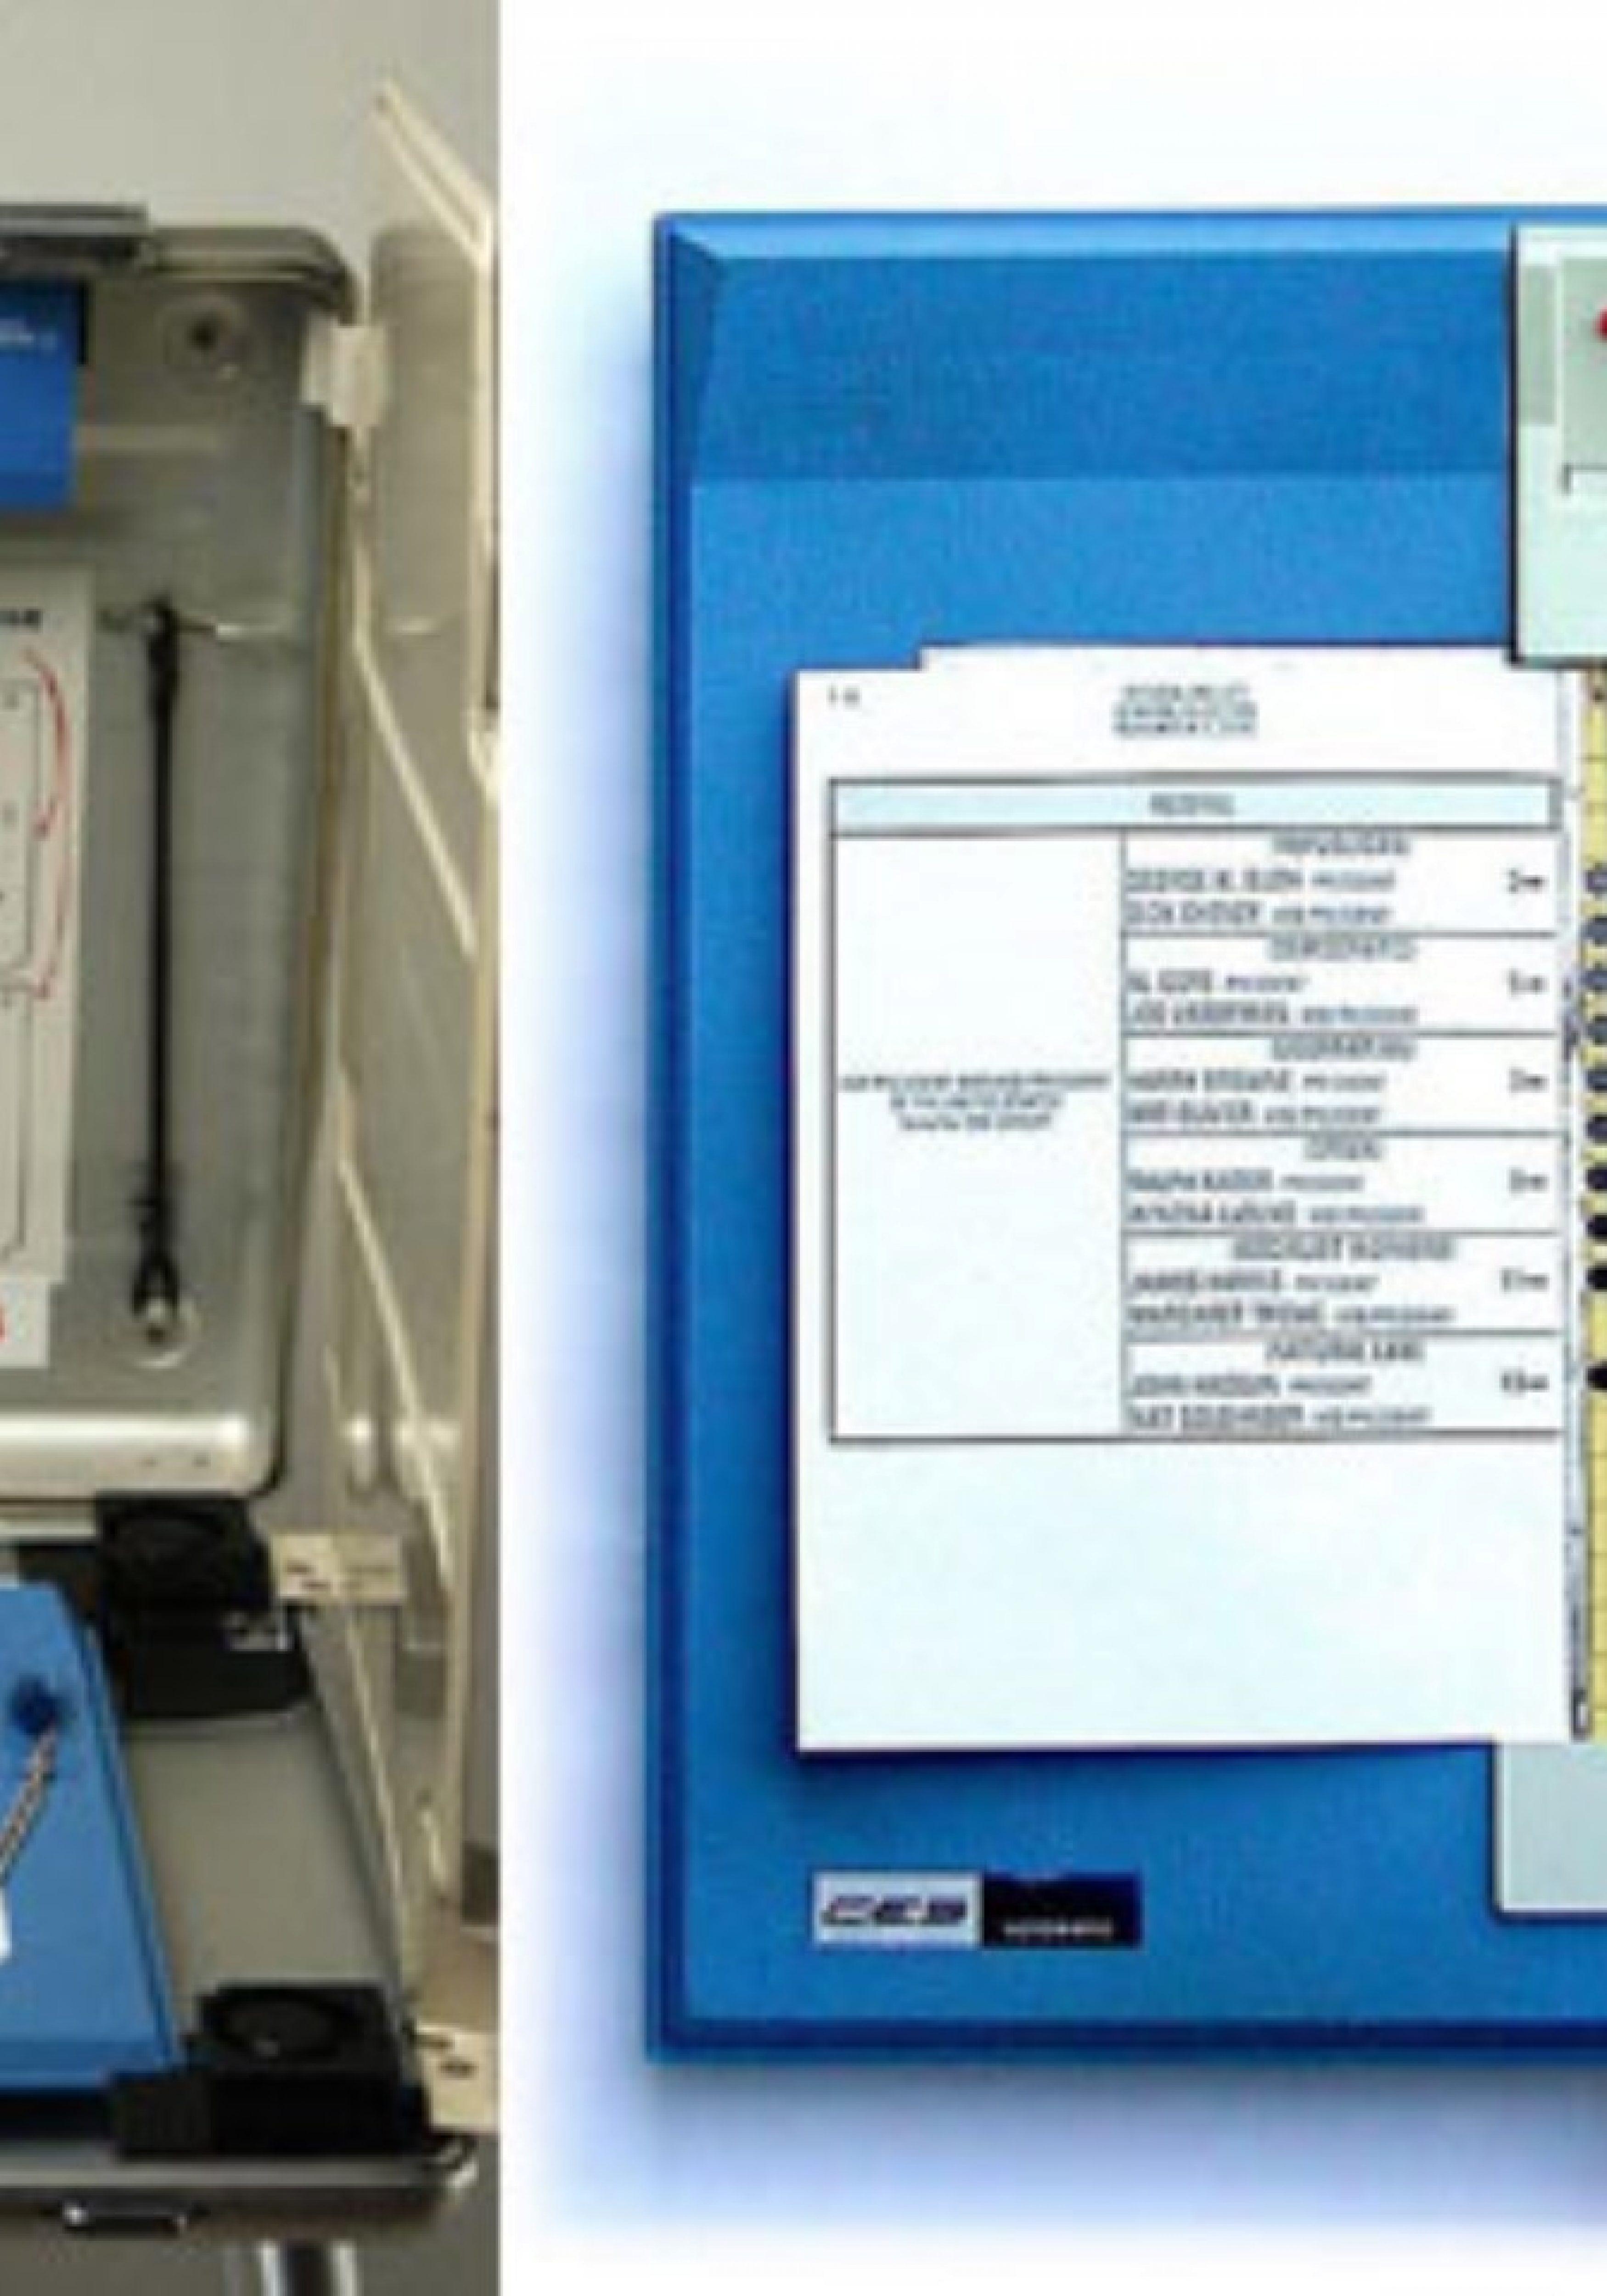 votamatic machine voting (Large)